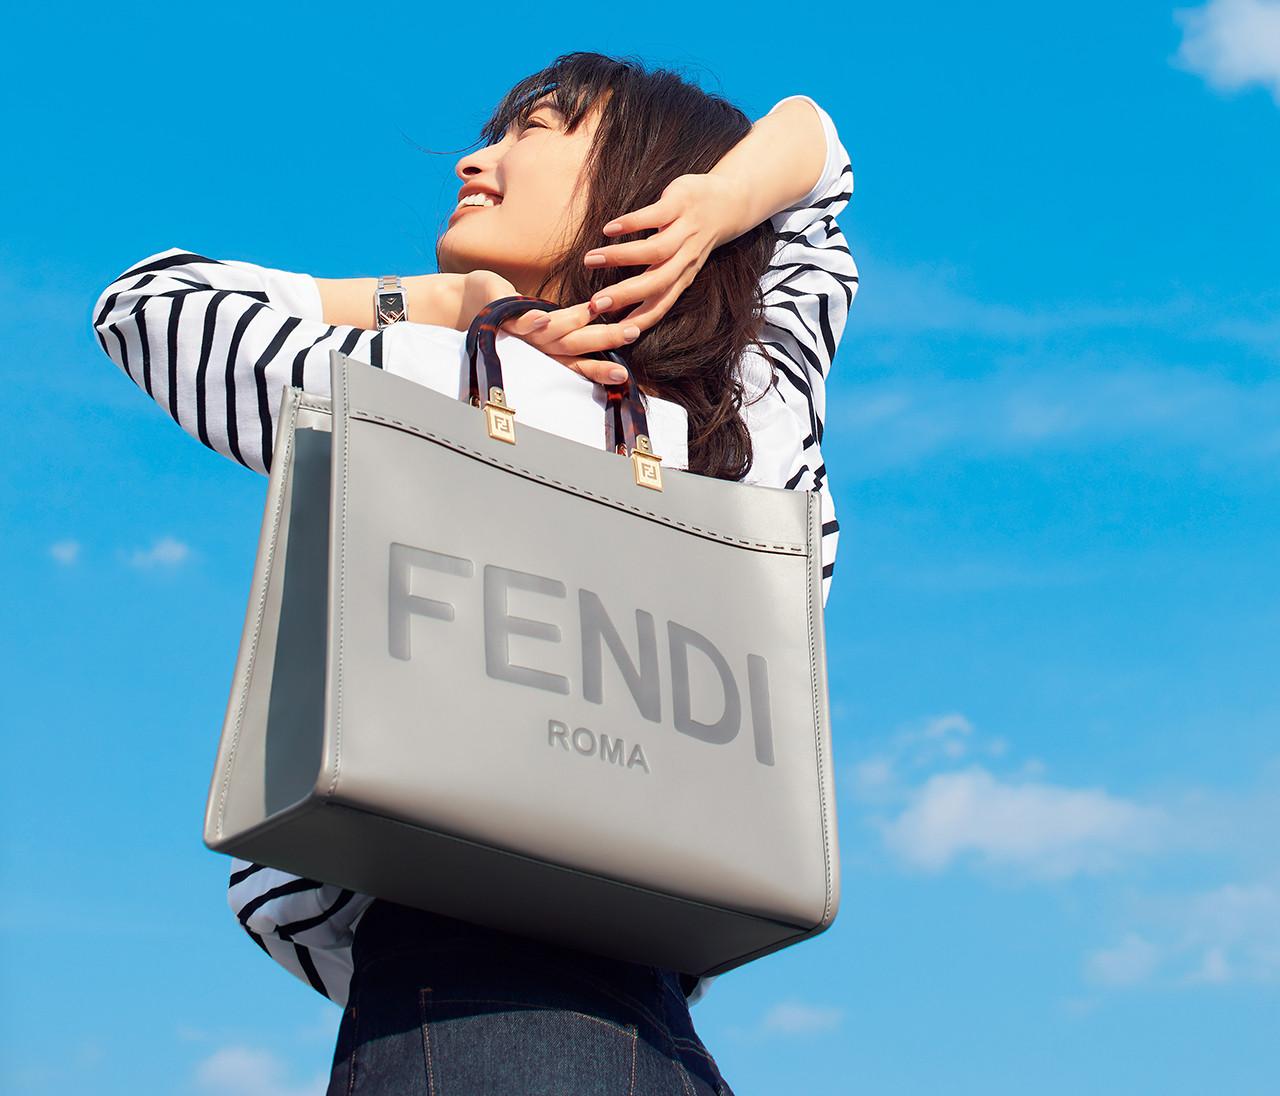 フェンディの人気バッグ「サンシャイン ショッパー」からミディアムサイズが新登場!【30代のブランドフォーカス】